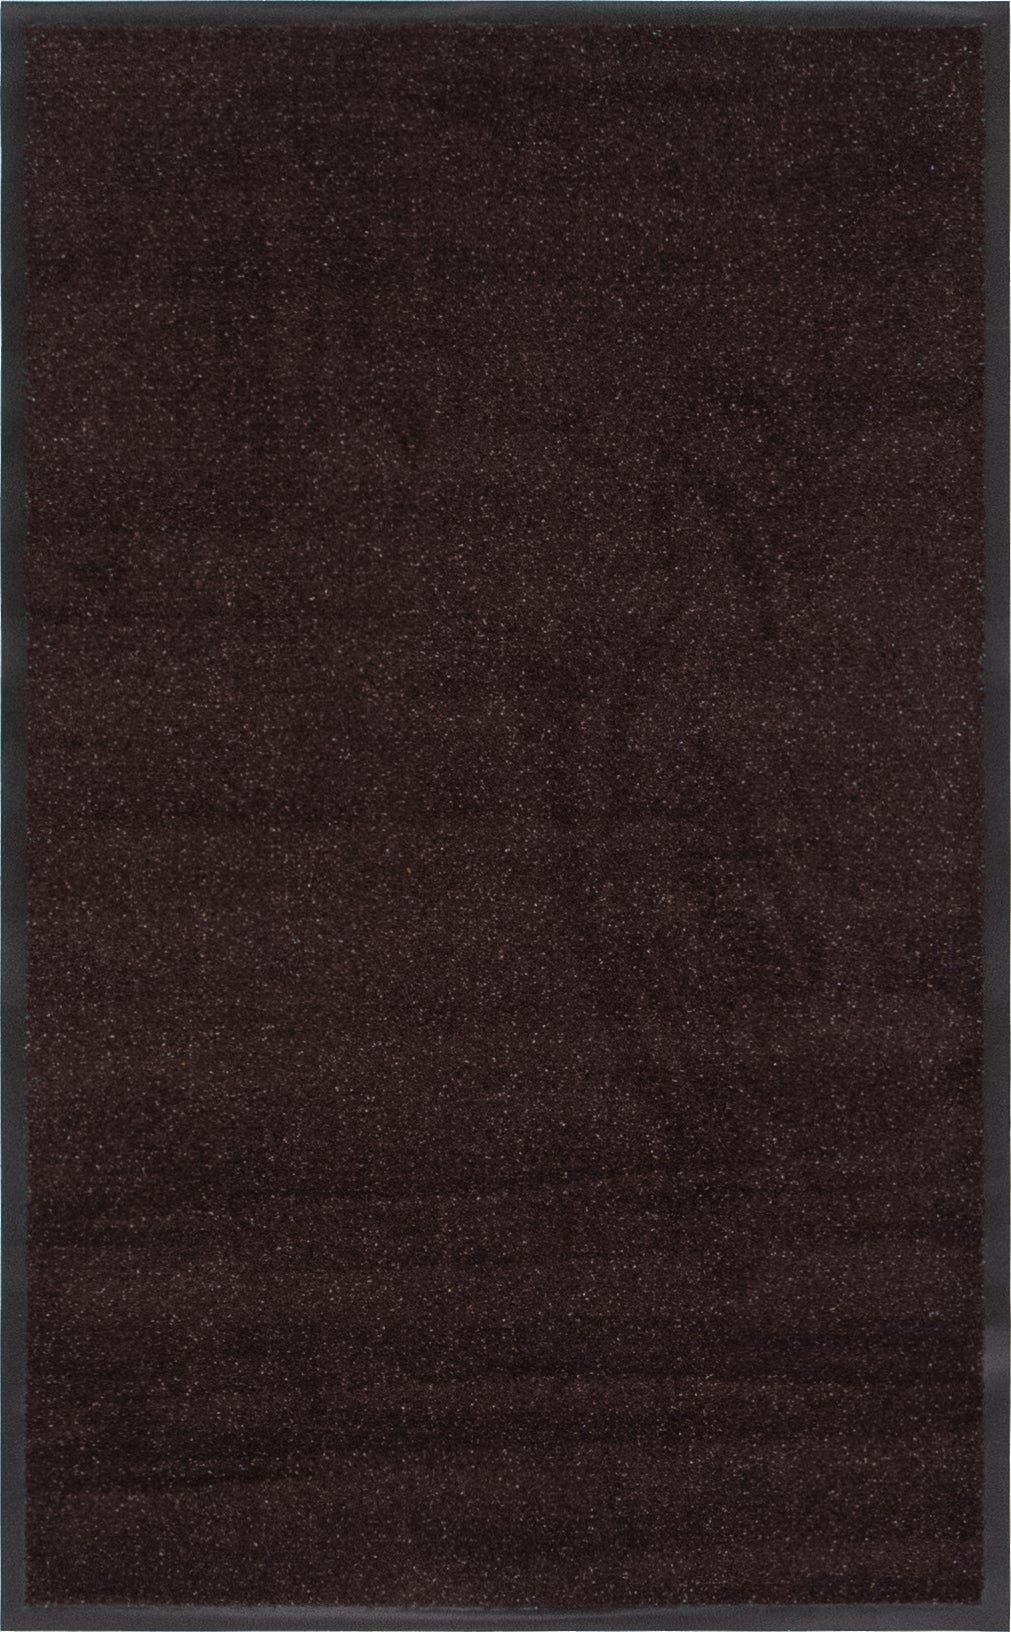 3' x 5' Doormat Rug main image